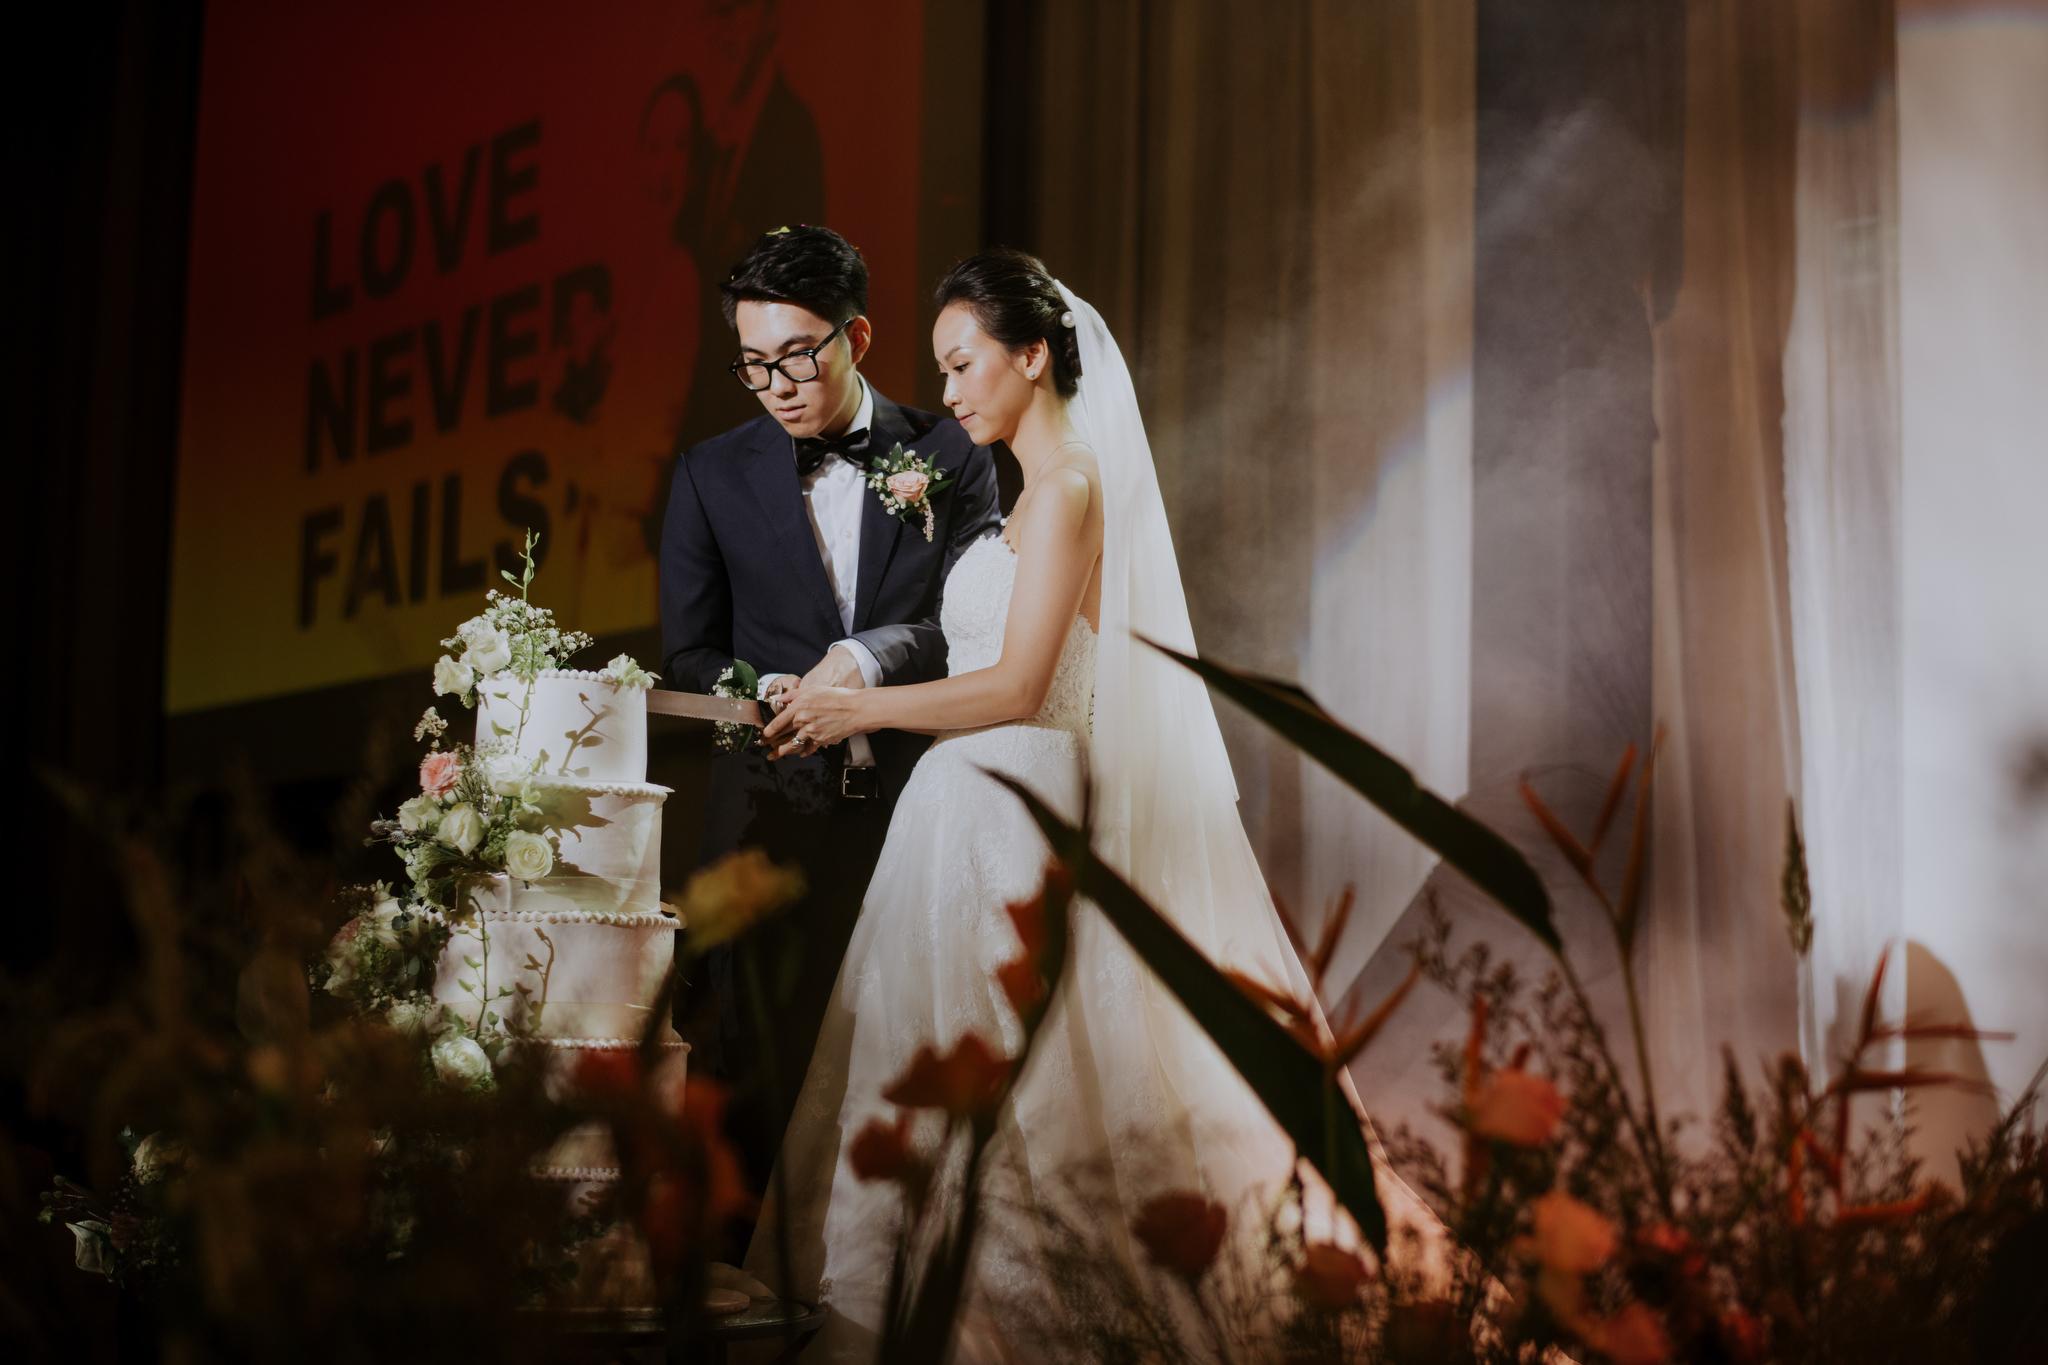 https://huk.s3.amazonaws.com/uploads/image/source/1445/Phuong-Diep-HN-Ceremony-2-0179.JPG